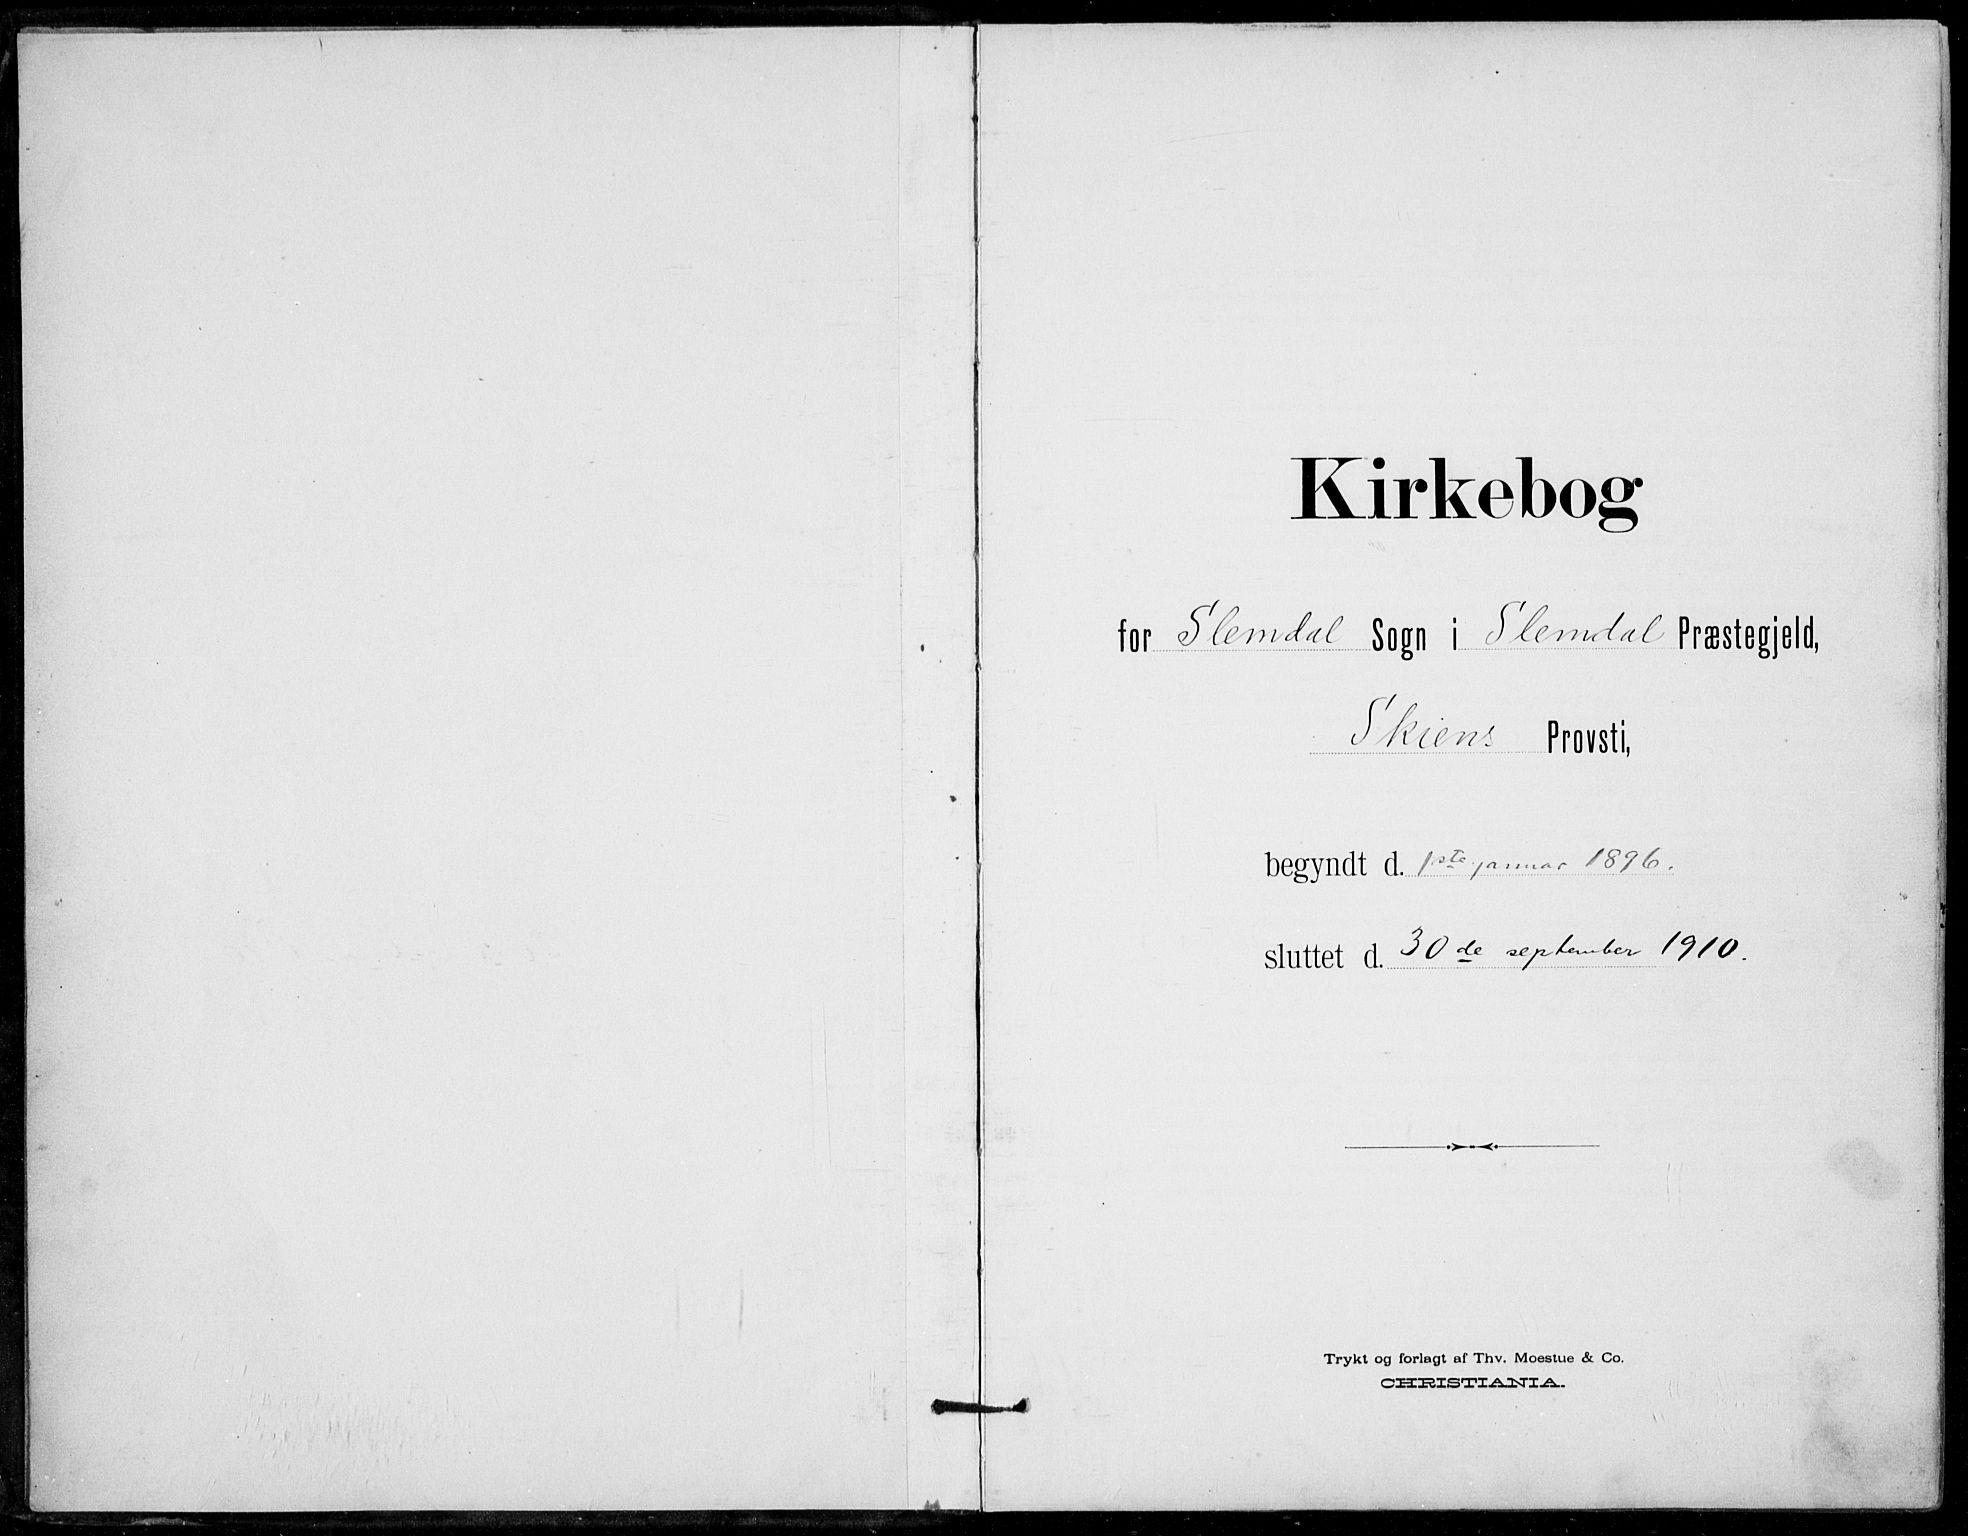 SAKO, Siljan kirkebøker, F/Fa/L0003: Ministerialbok nr. 3, 1896-1910